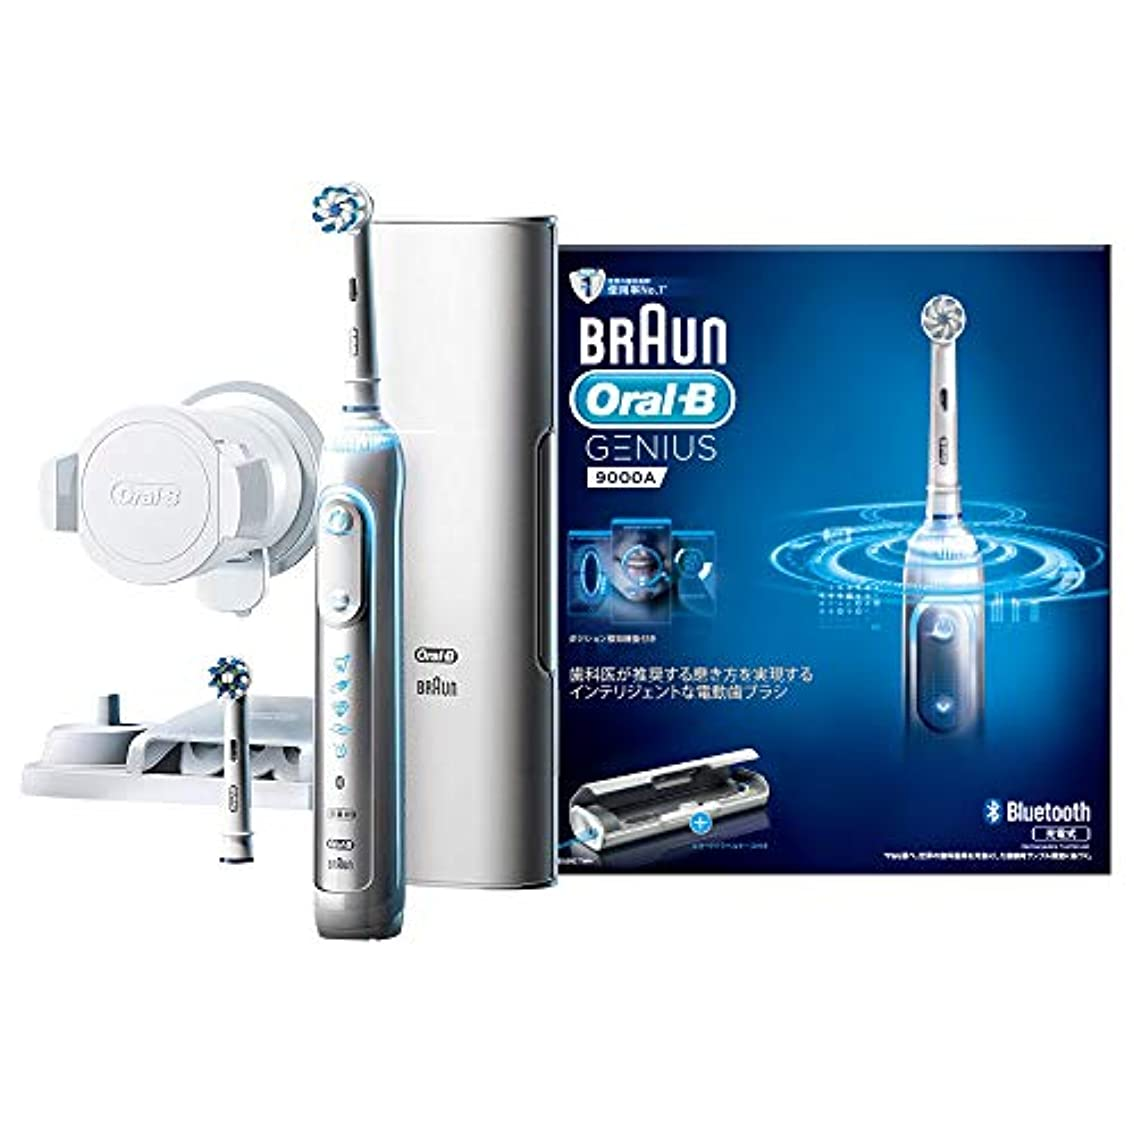 参照浮くアナリストブラウン オーラルB 電動歯ブラシ ジーニアス9000 ホワイト D7015256XCTWH